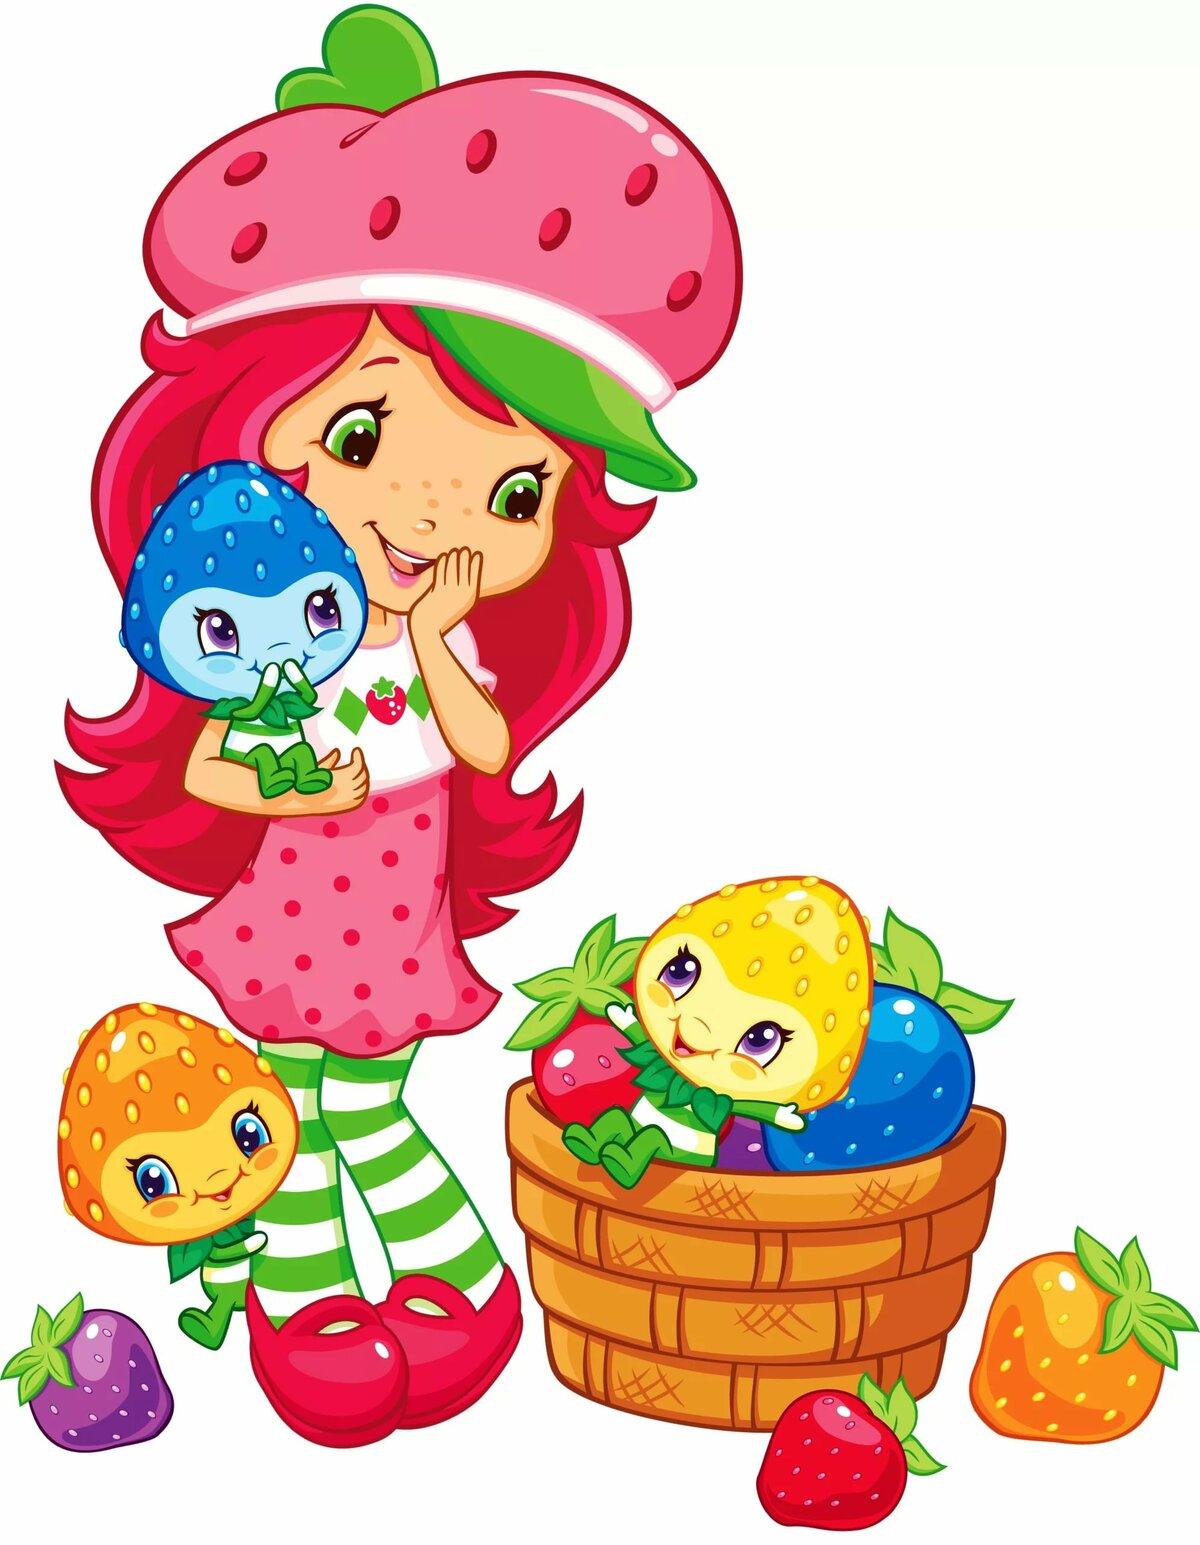 картинка ягодка для сада способ предусматривает